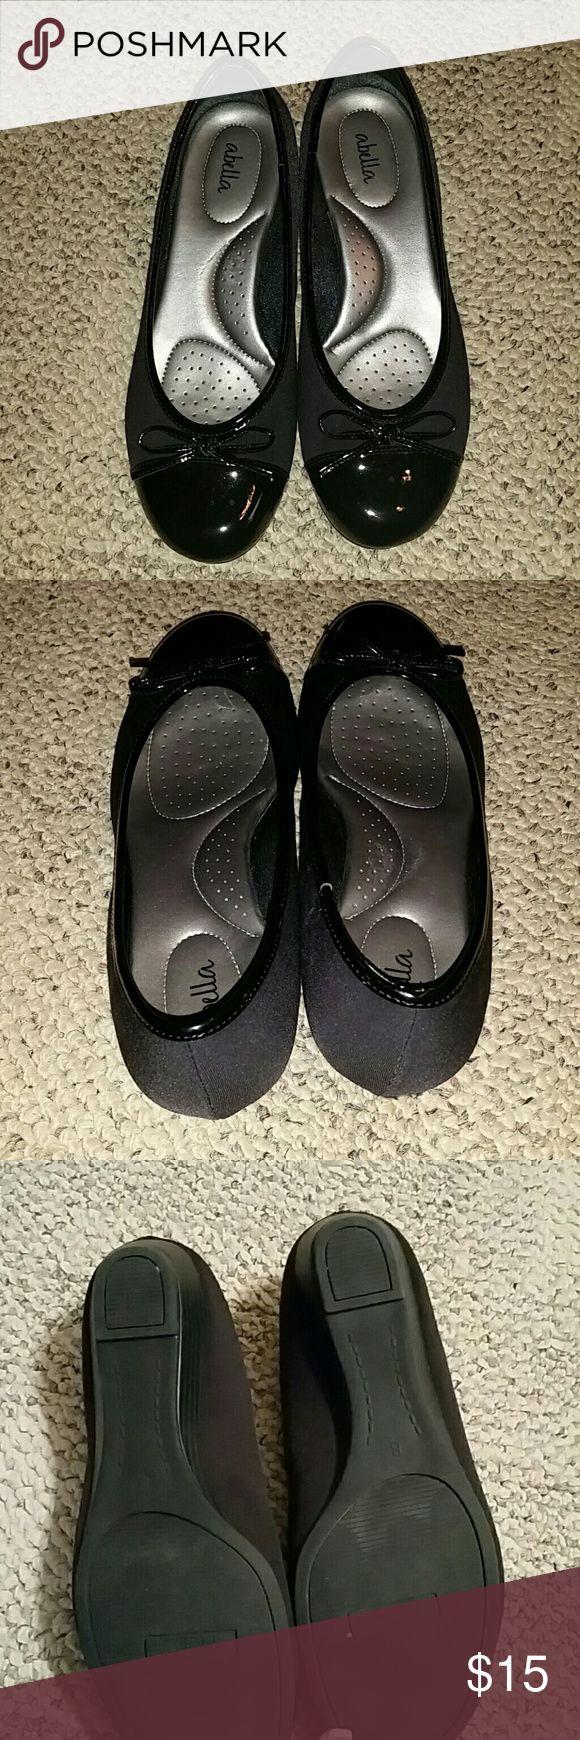 Office Cecilia Toe Cap Ballerina Flats Nude Black Leather